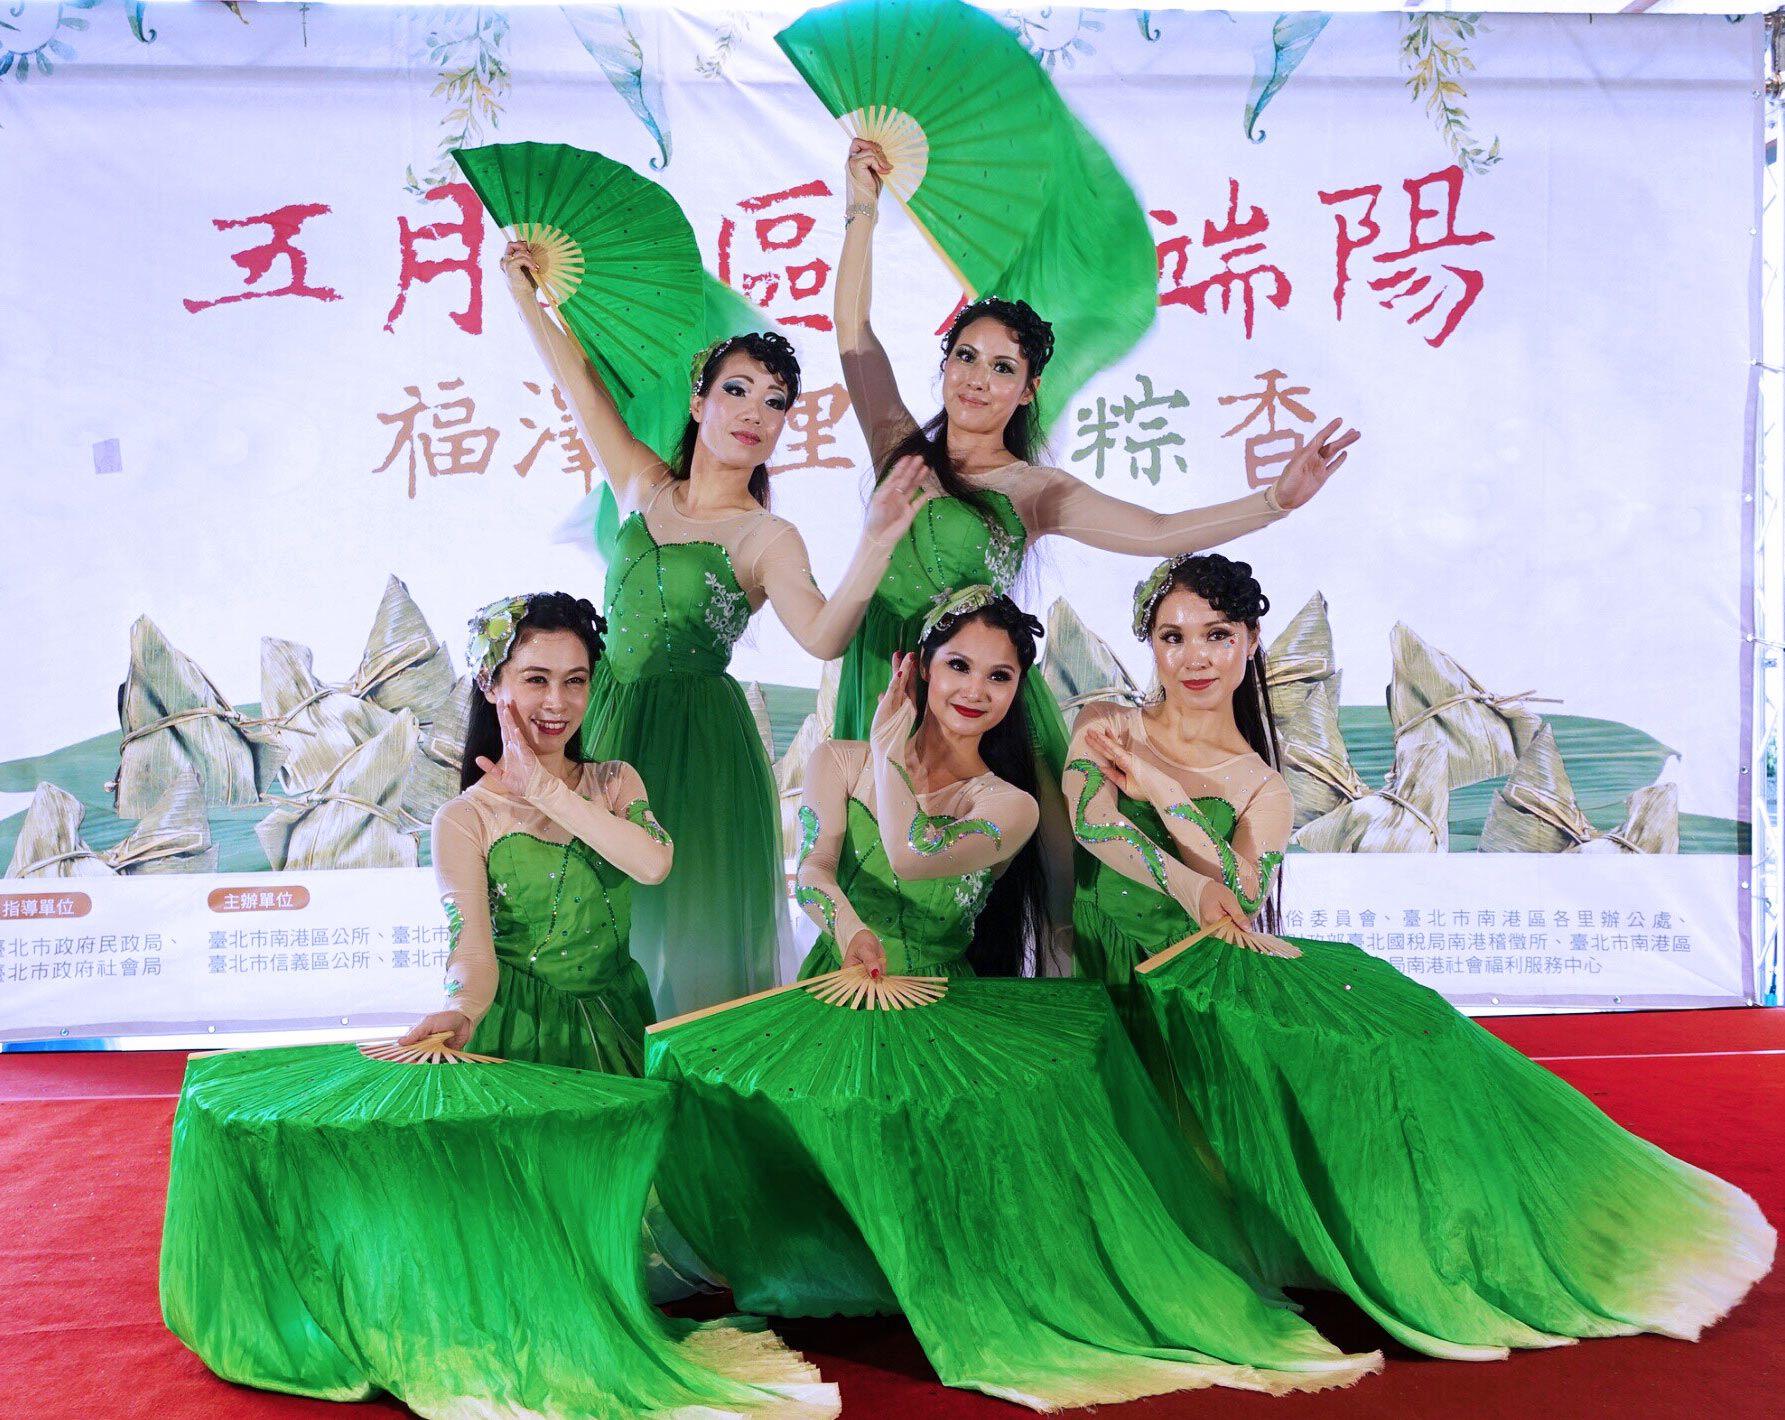 Đoàn múa Liễu Liễu- Hoạt động biểu diễn tết Đoan Ngọ trong tháng 5